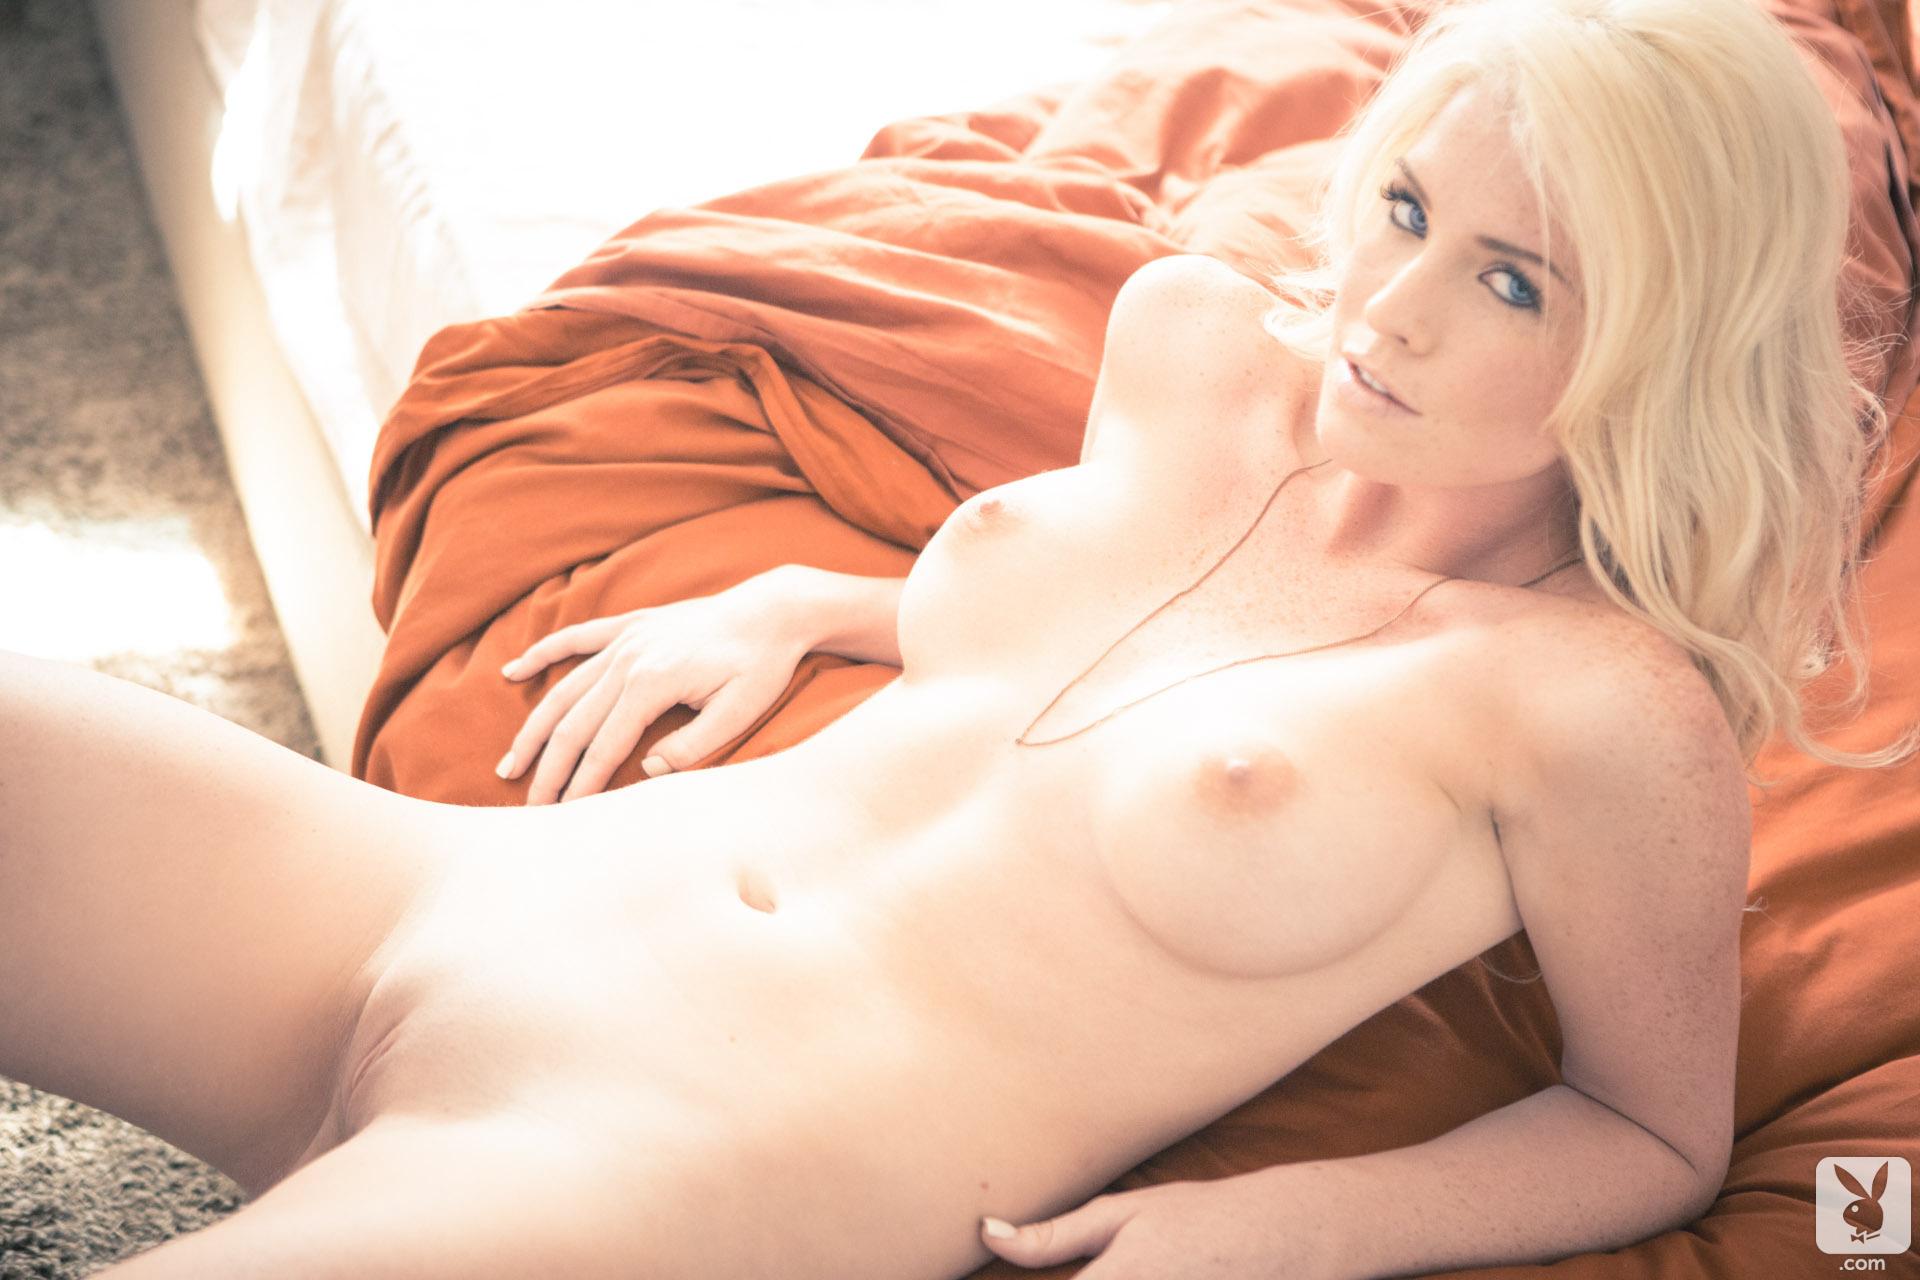 lauren-gottlieb-naked-xxx-naked-girls-pooping